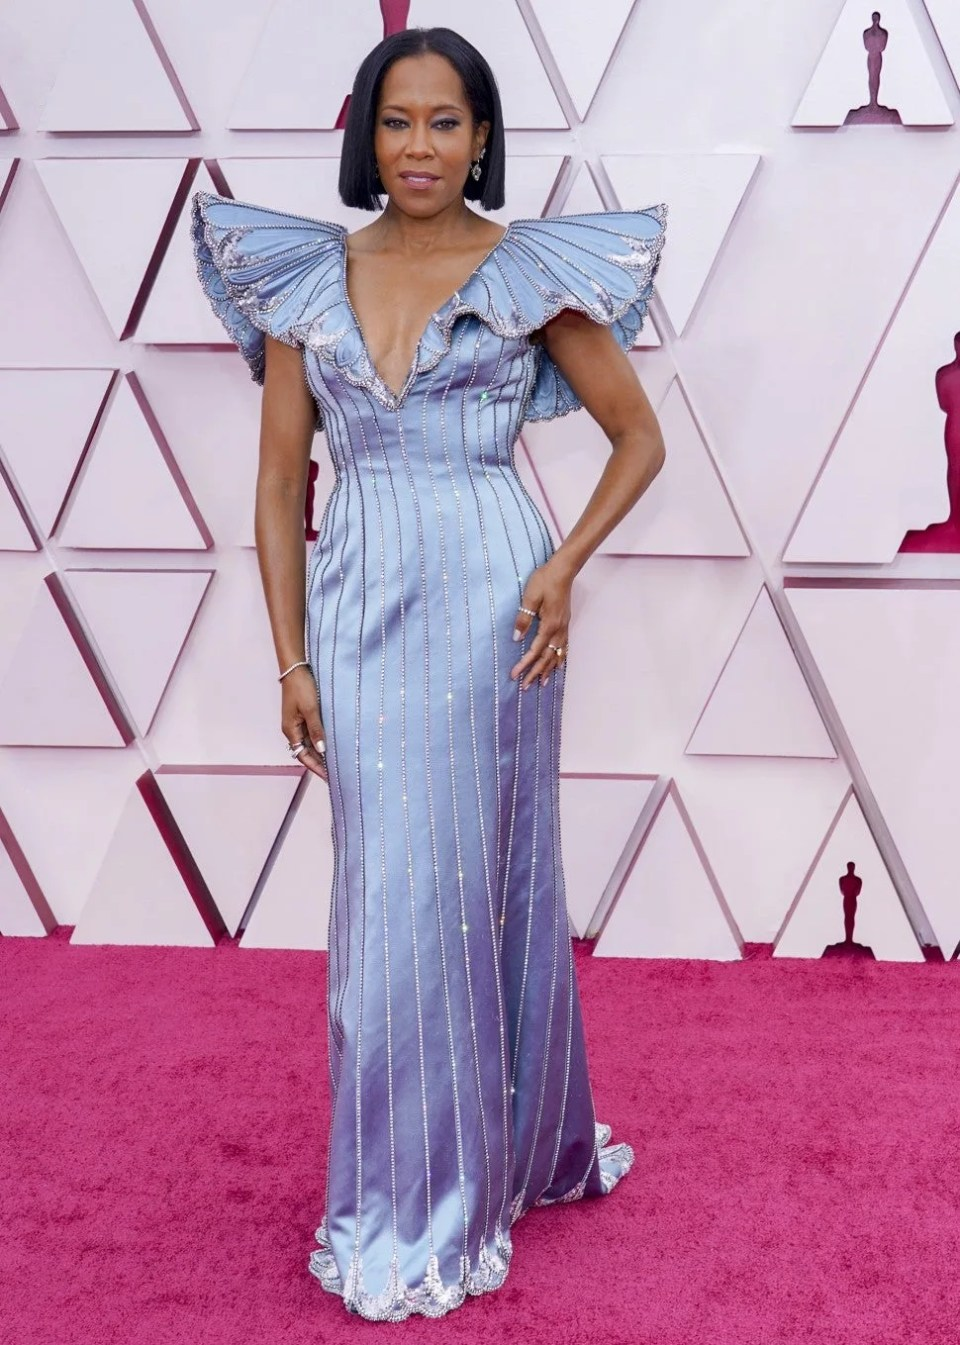 Foto do look de Regina King no red carpet do Oscar 2021. Ela veste um vestido azul claro acetinado longo com decote v profundo e mangas amplas altas, que parecem asas de borboletas. O vestido tem linhas verticais feitas com cristaias e lantejoulas. O cabelo está liso na altura dos ombros, com brincos discretos de cristais.